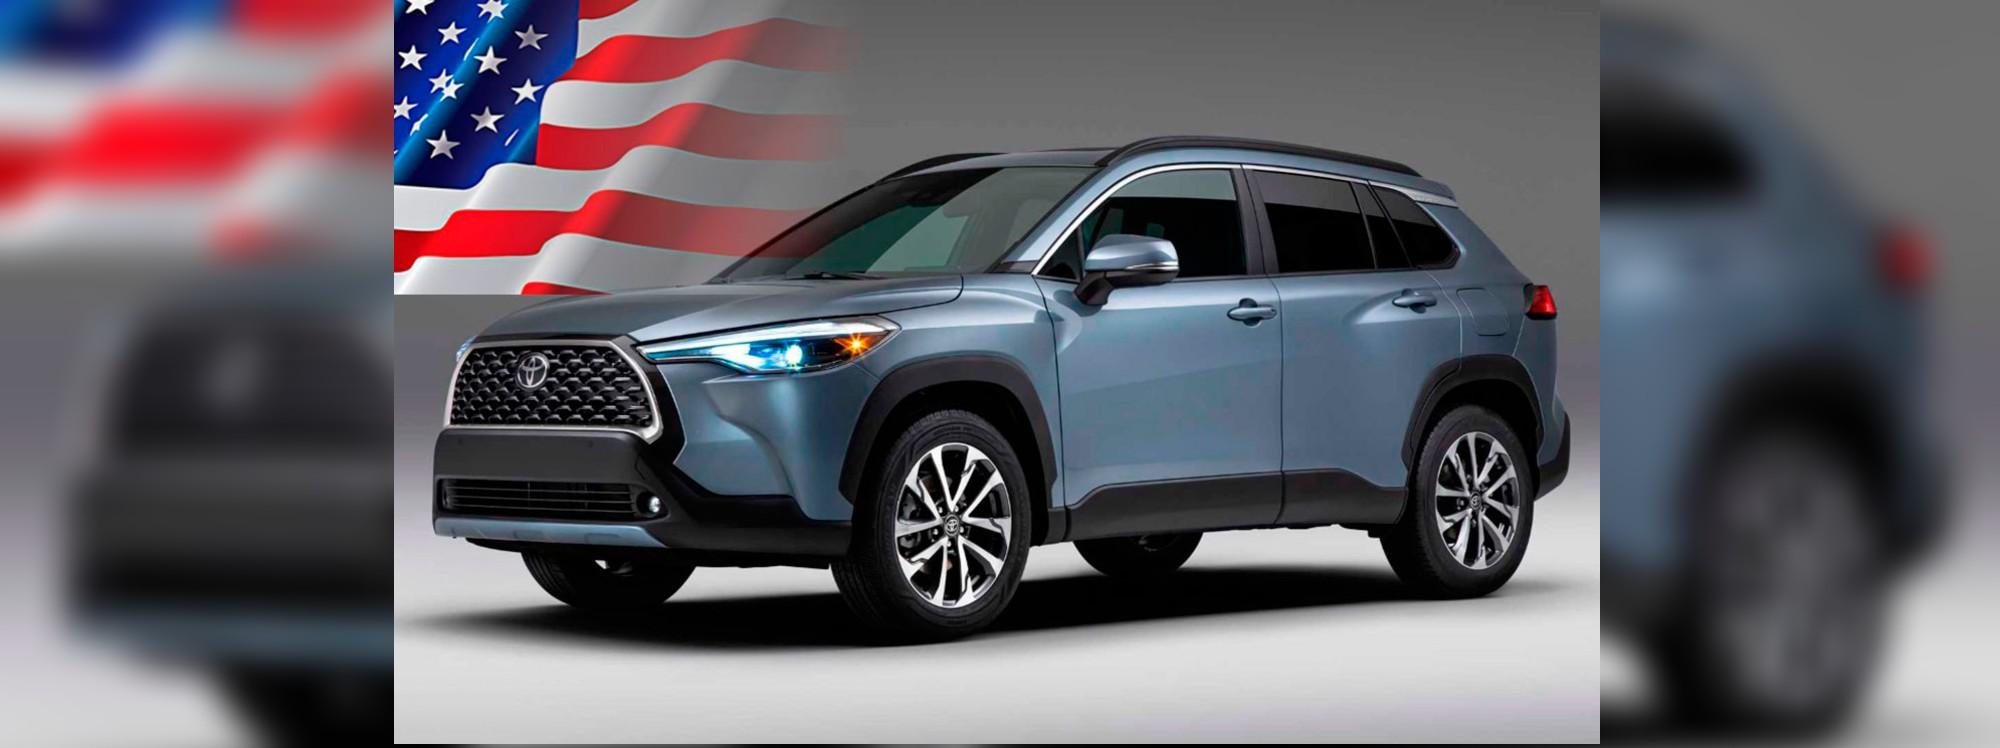 Toyota presentó el SUV para el mercado norteamericano